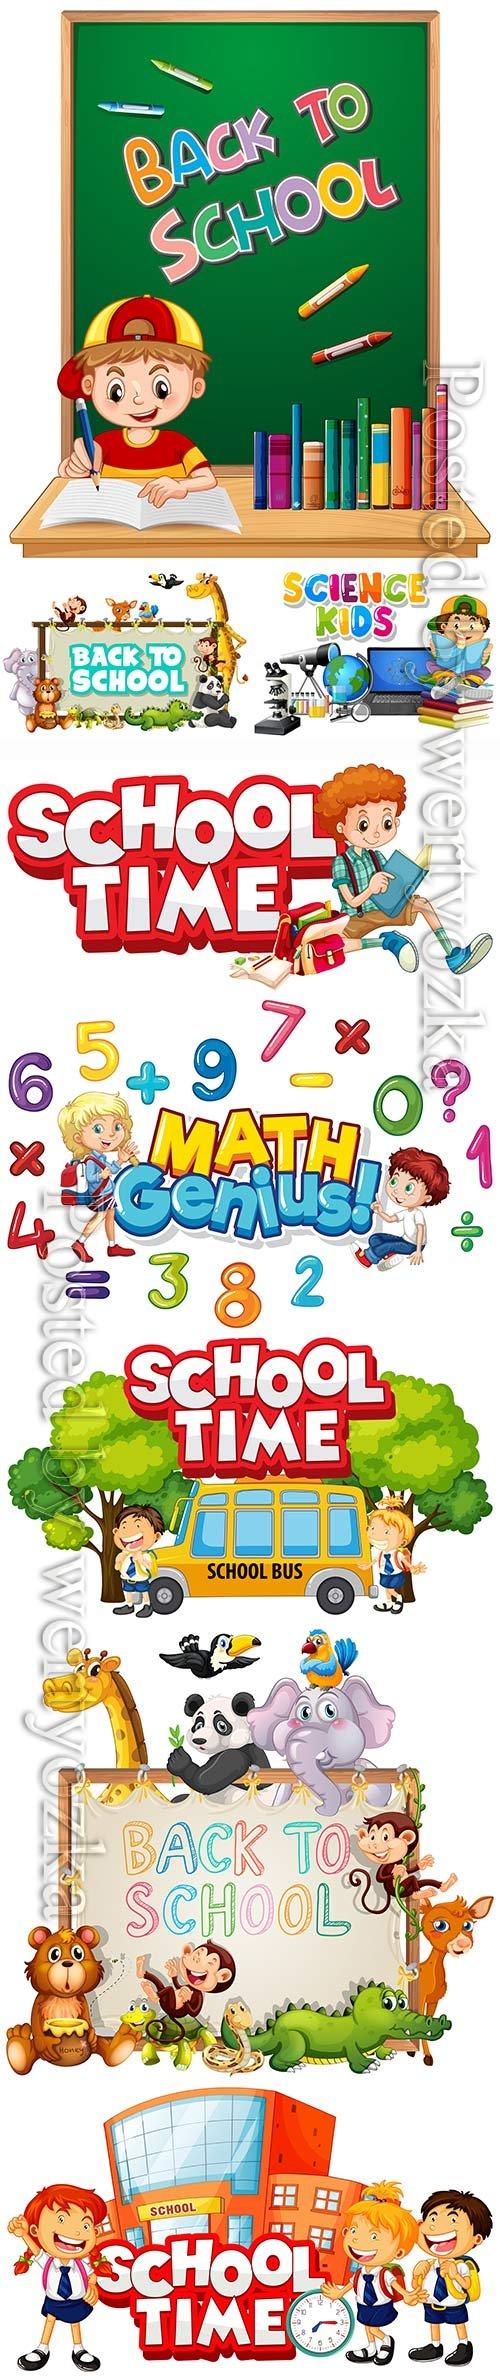 School time vector design